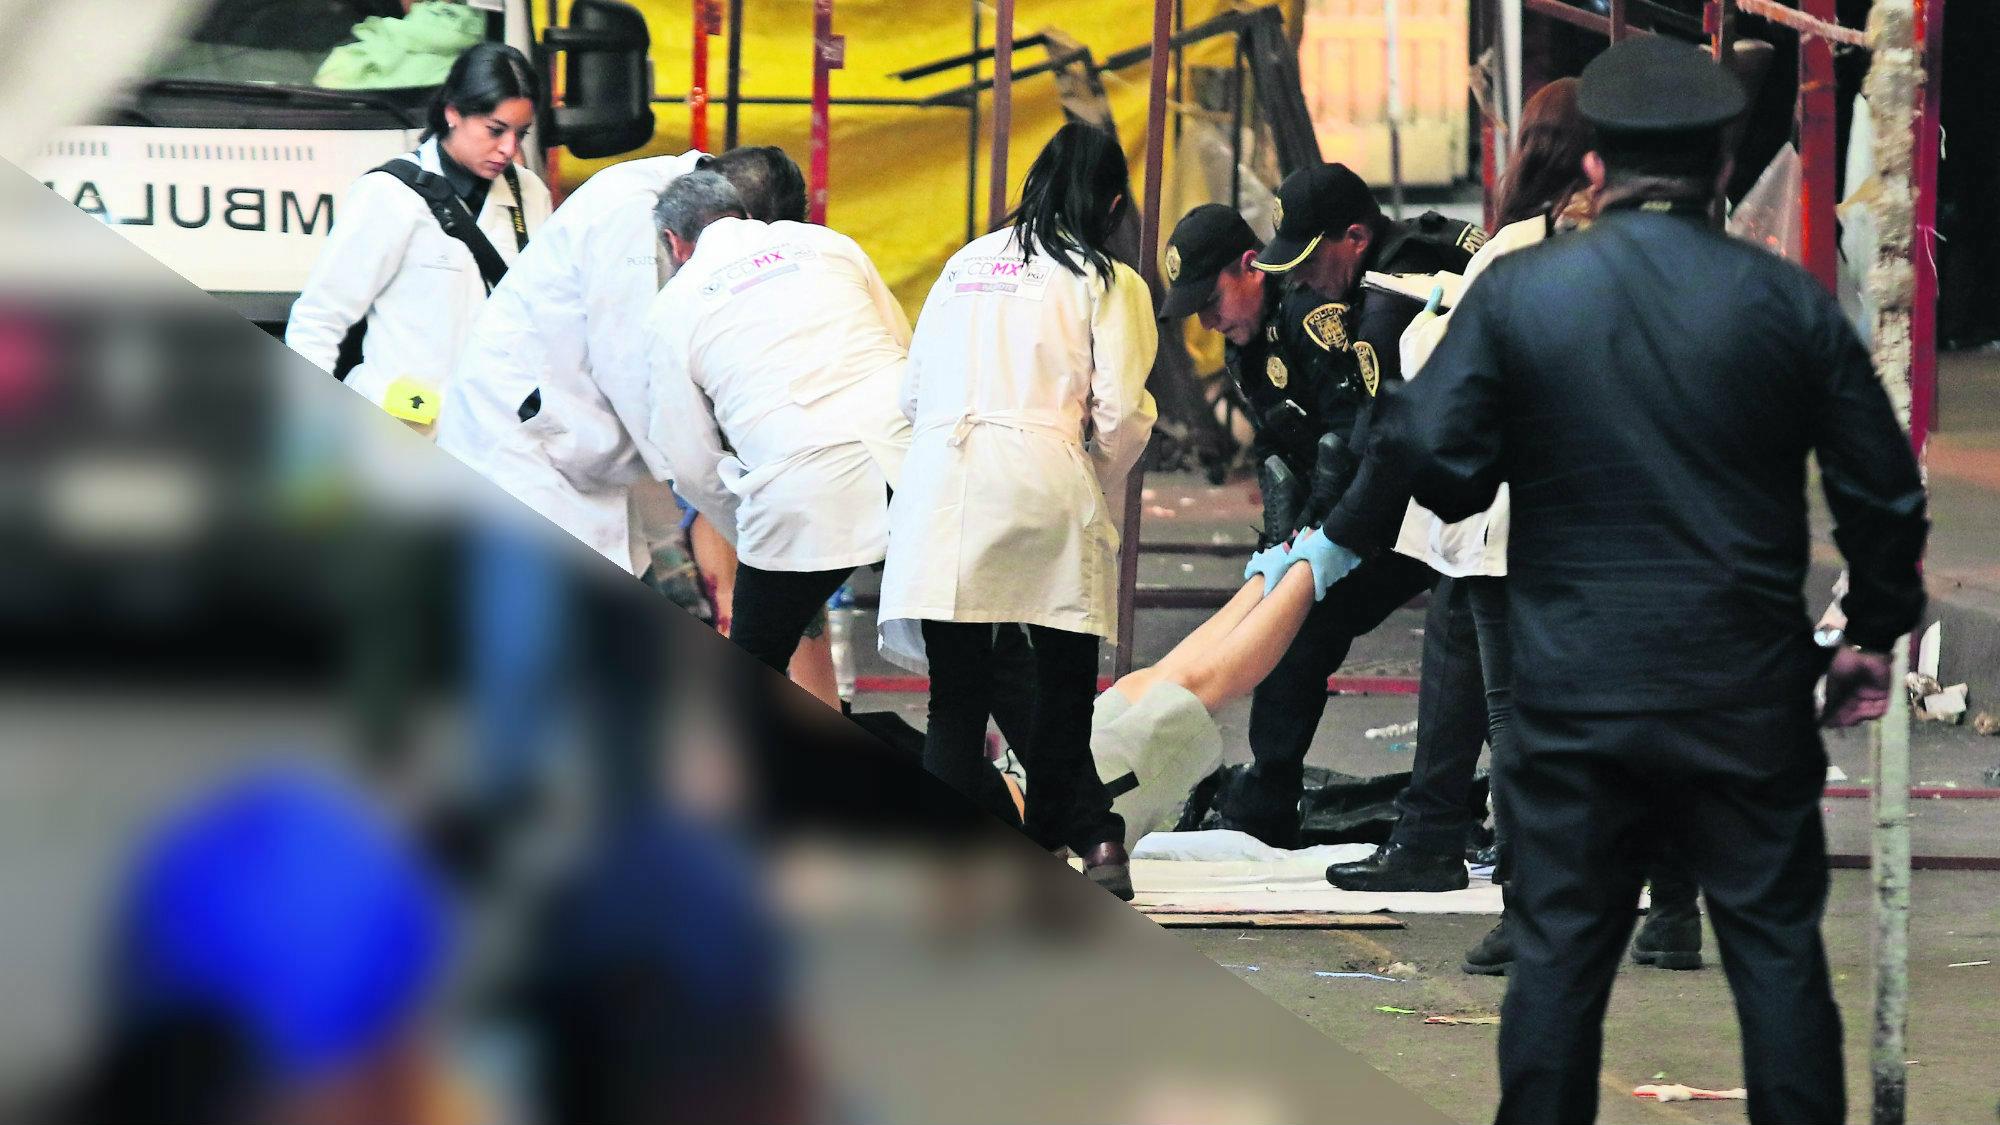 Guerra de cárteles Ola de ejecuciones Bandas más peligrosas CDMX